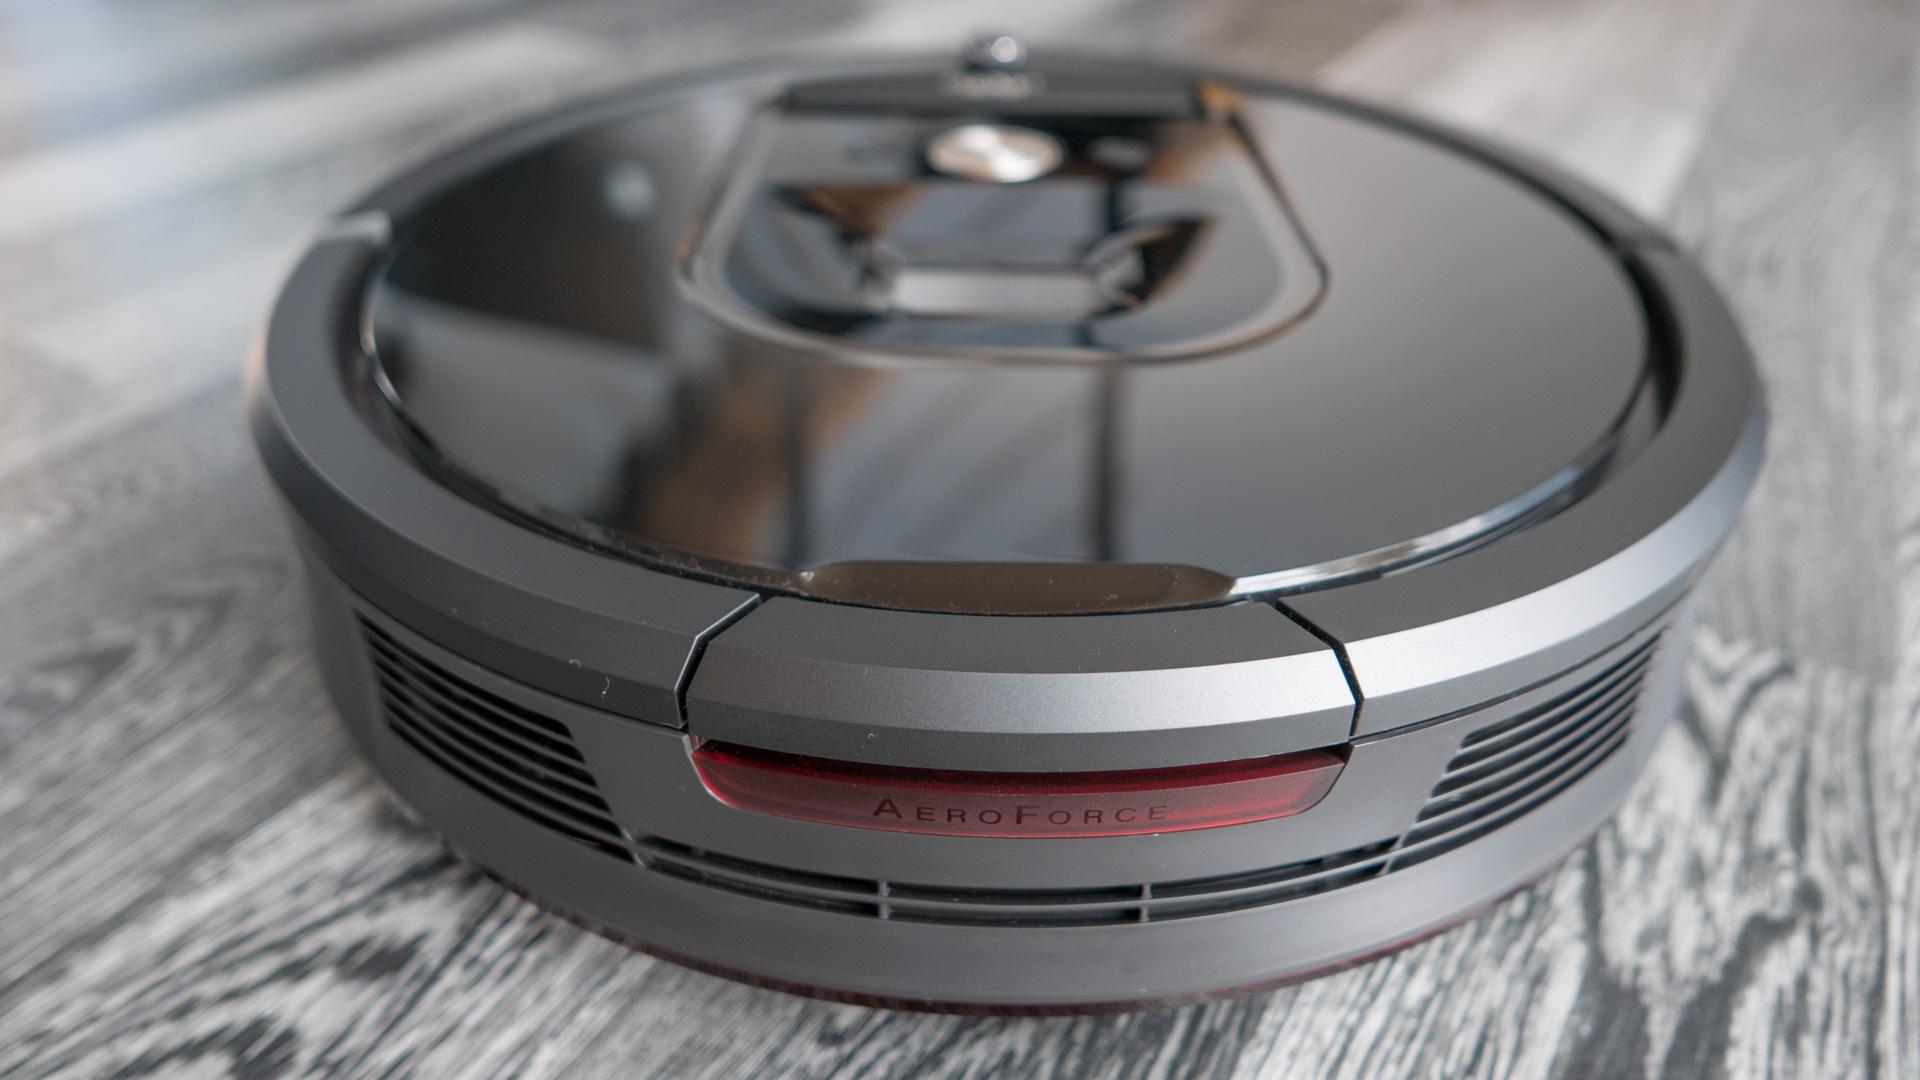 iRobot Roomba 980 Details 02